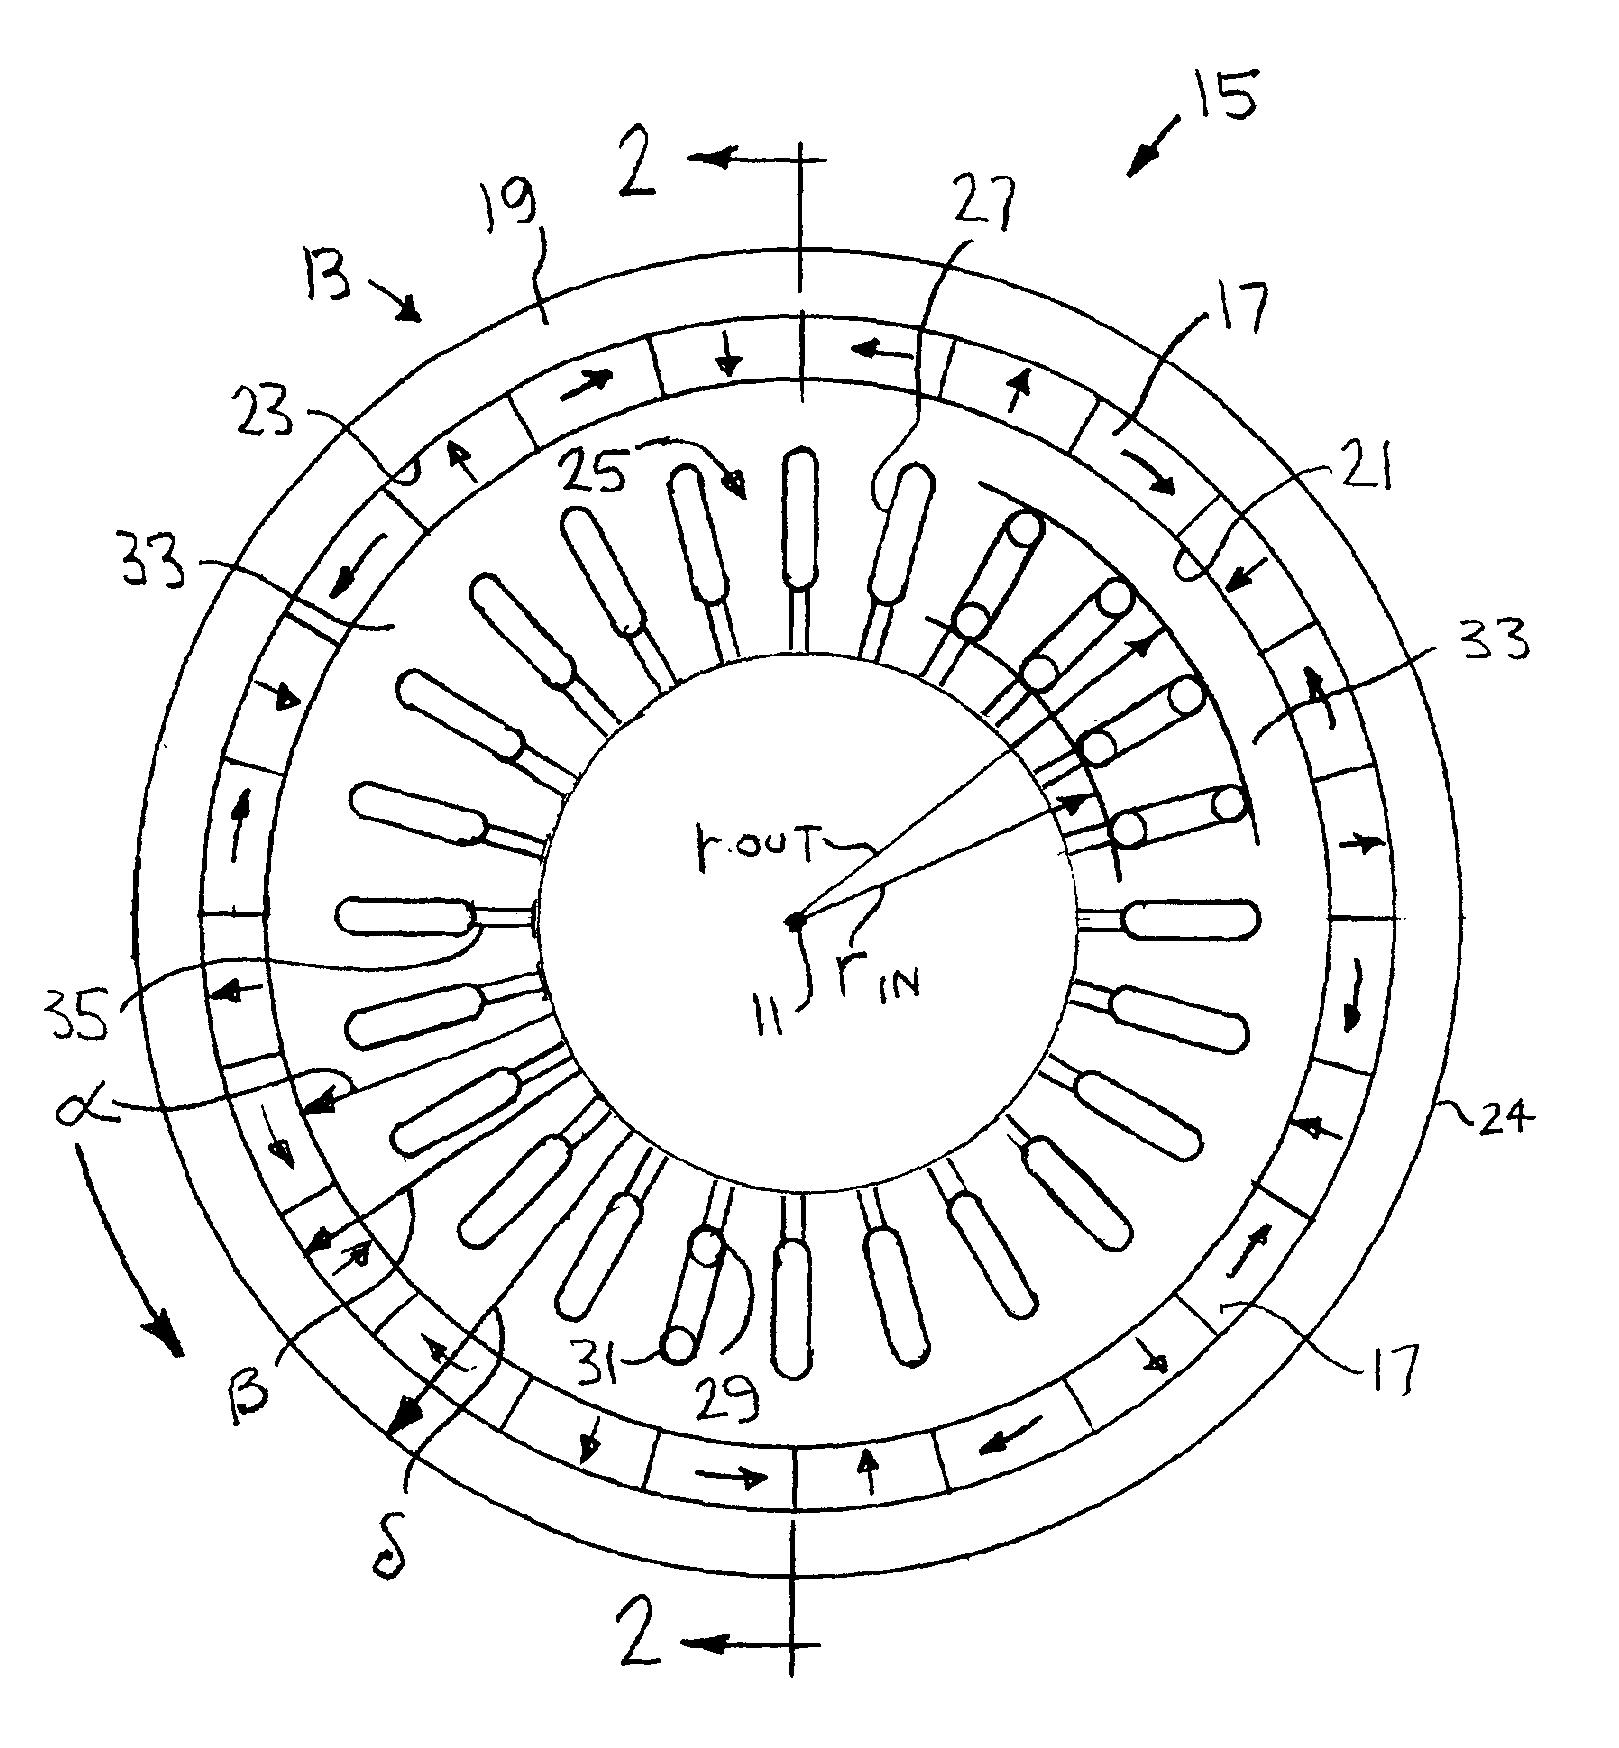 Halbach Array Motor Generator